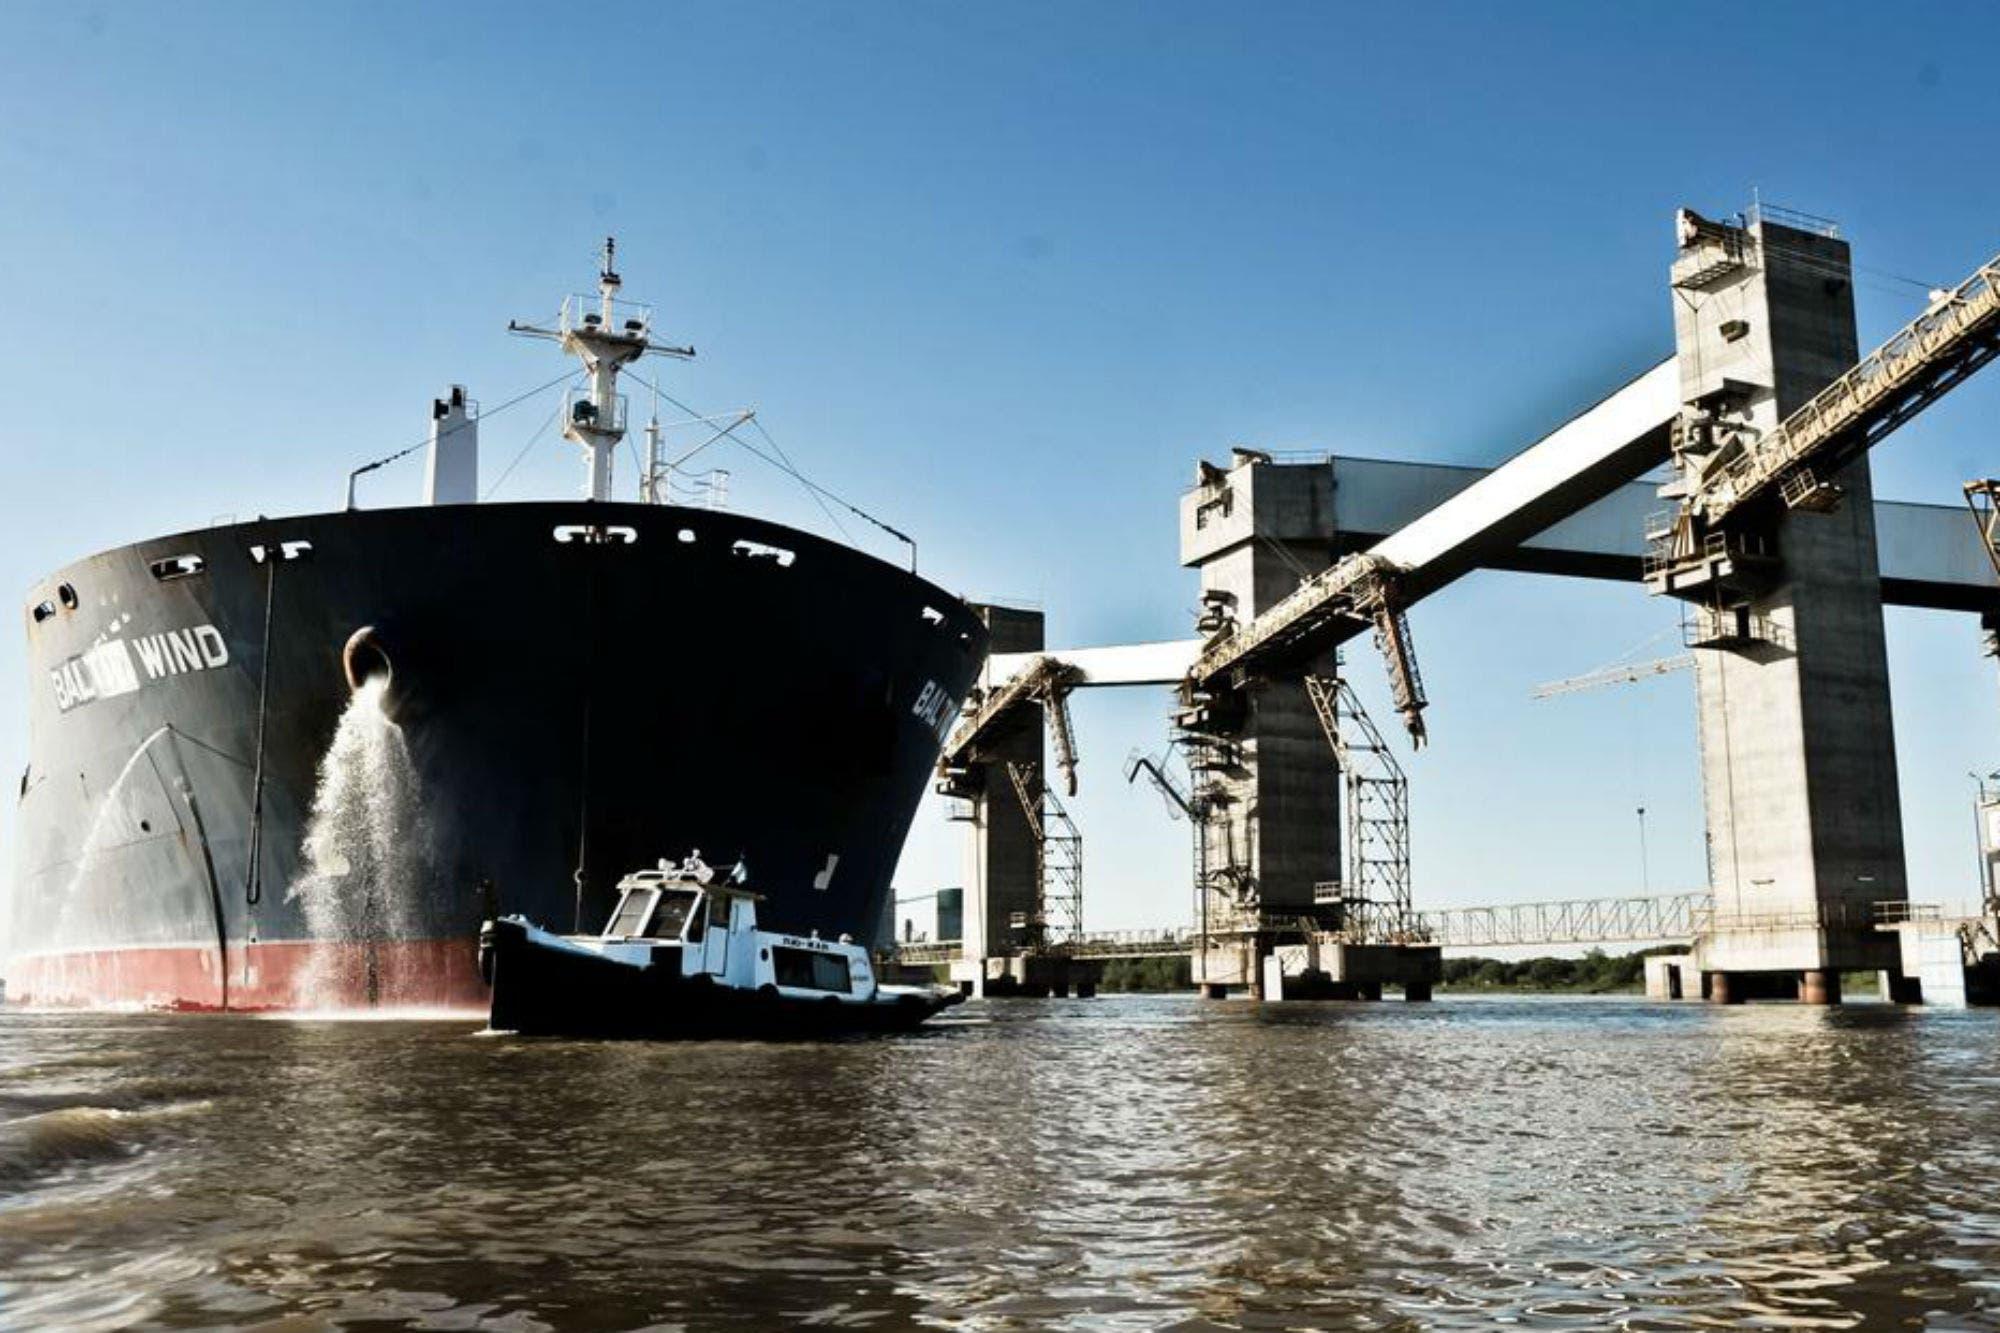 Invierten $4680 millones para conectar terminales portuarias del Gran Rosario con el Belgrano Cargas